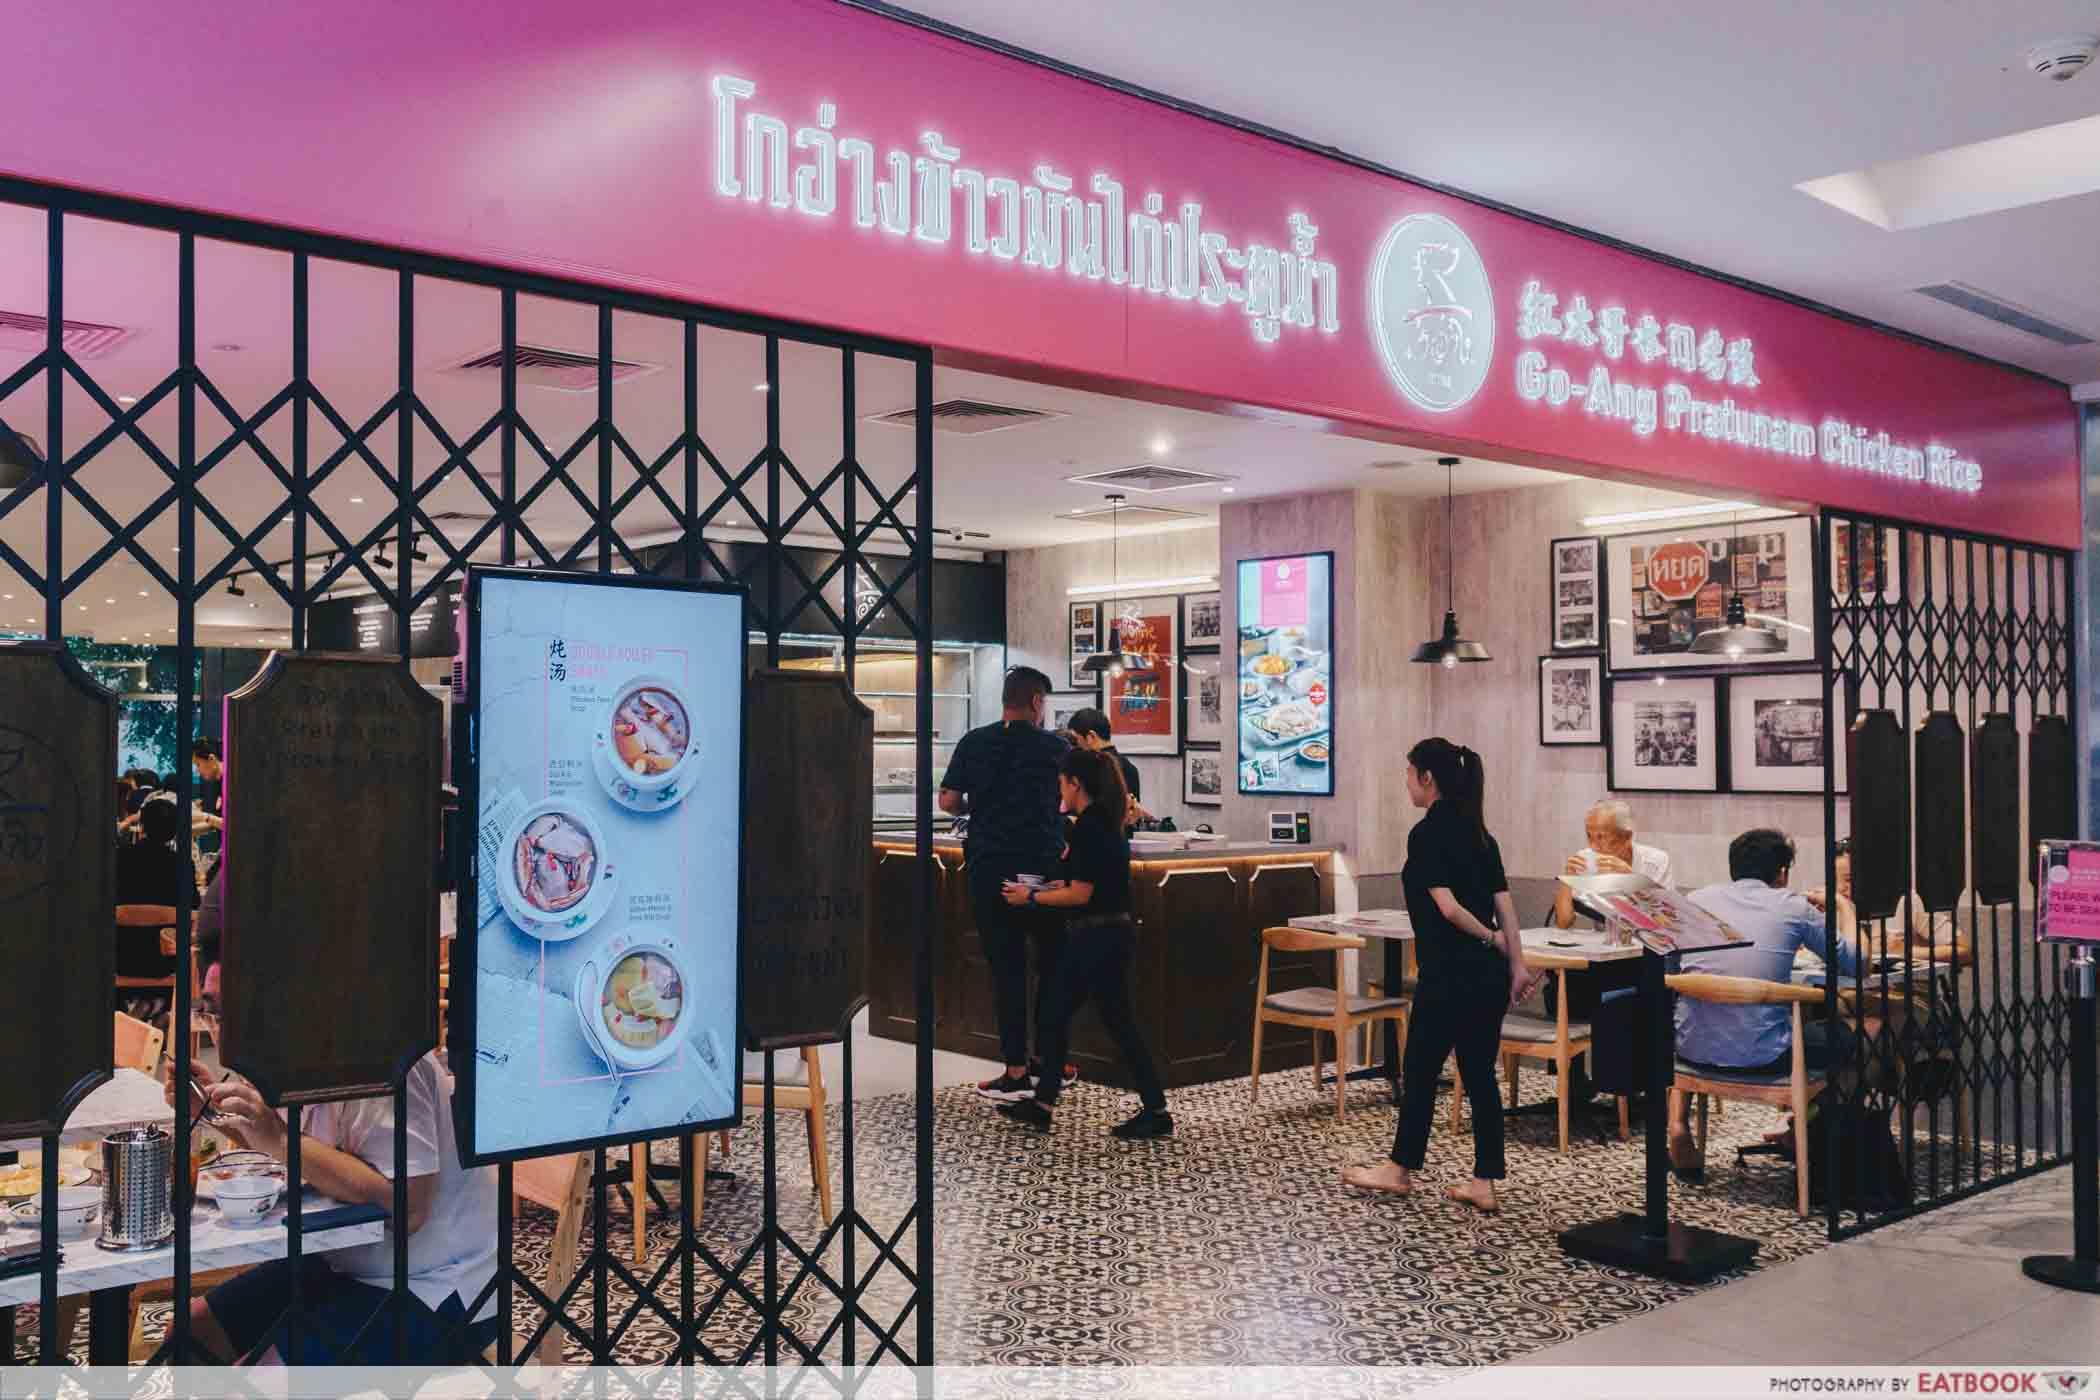 Bangkok Chicken Rice - Storefront